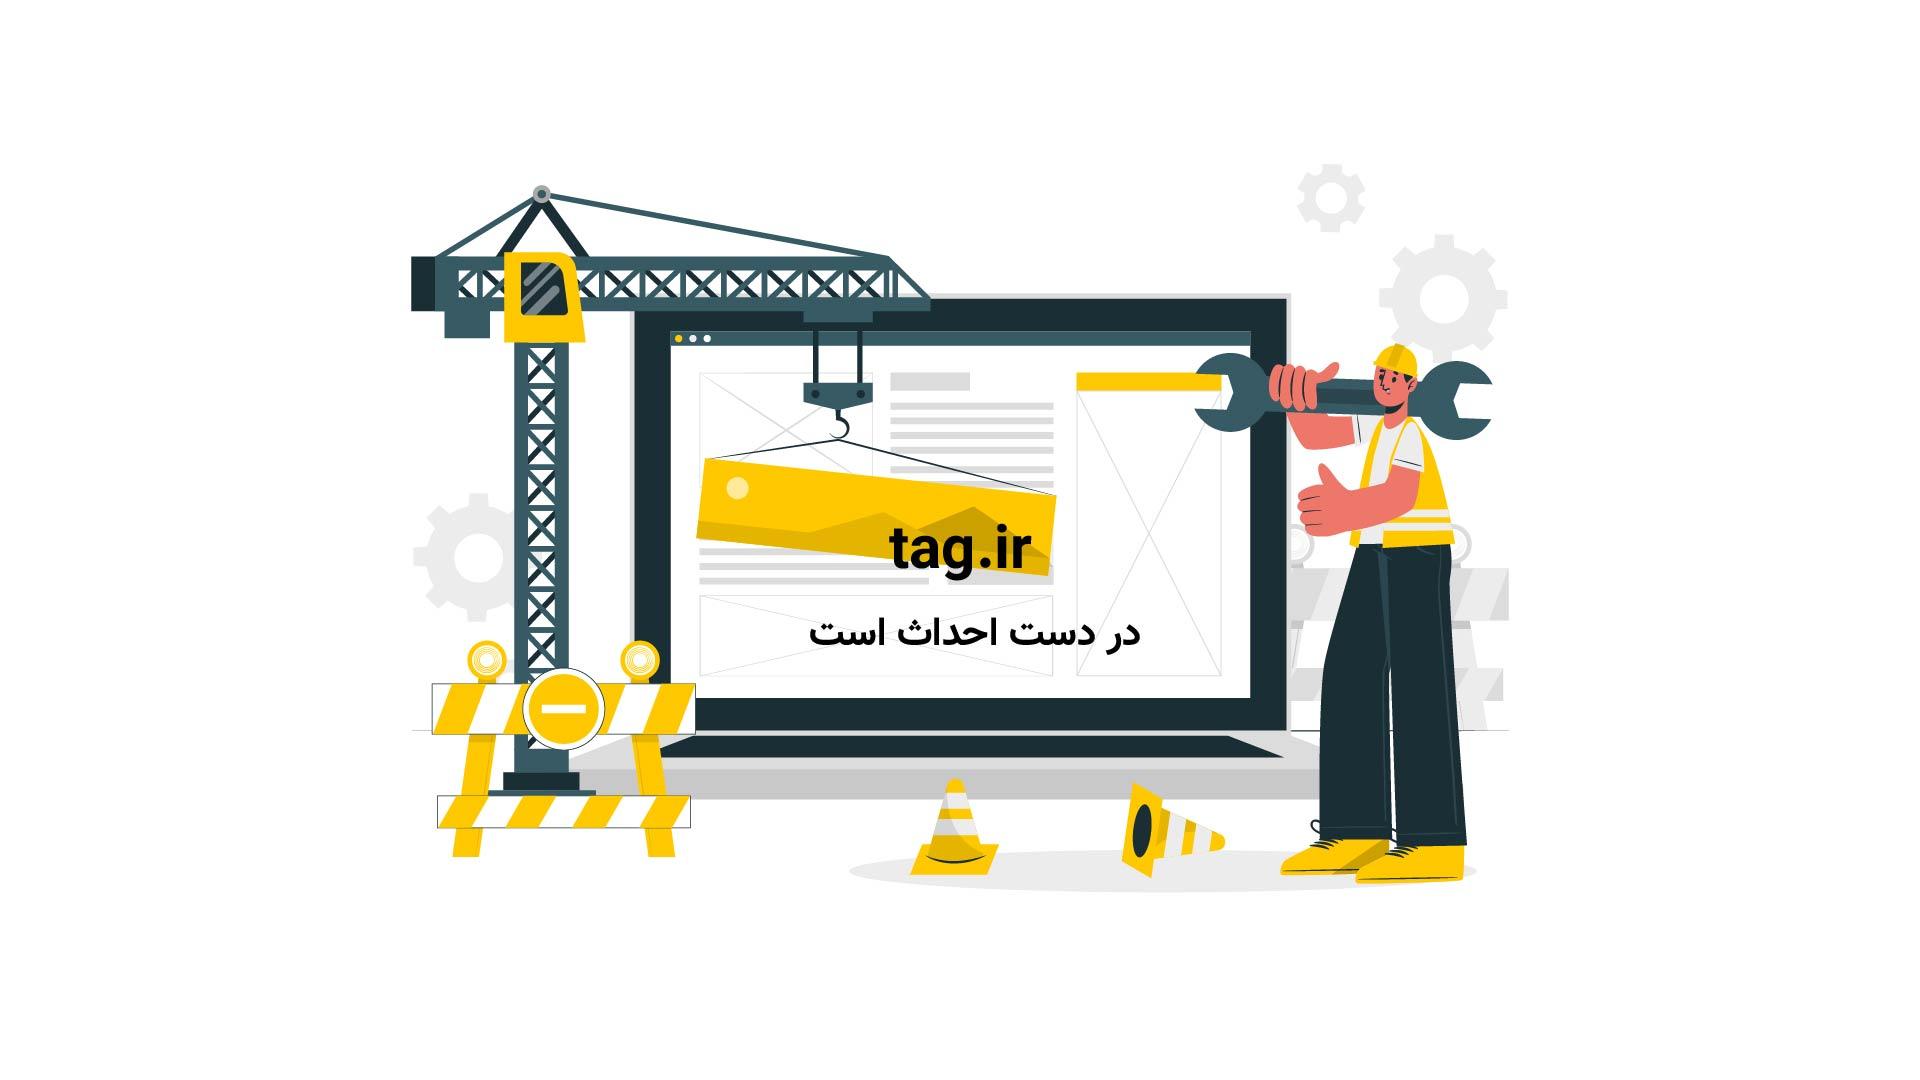 عناوین روزنامههای ورزشی سهشنبه 18 آبان | فیلم